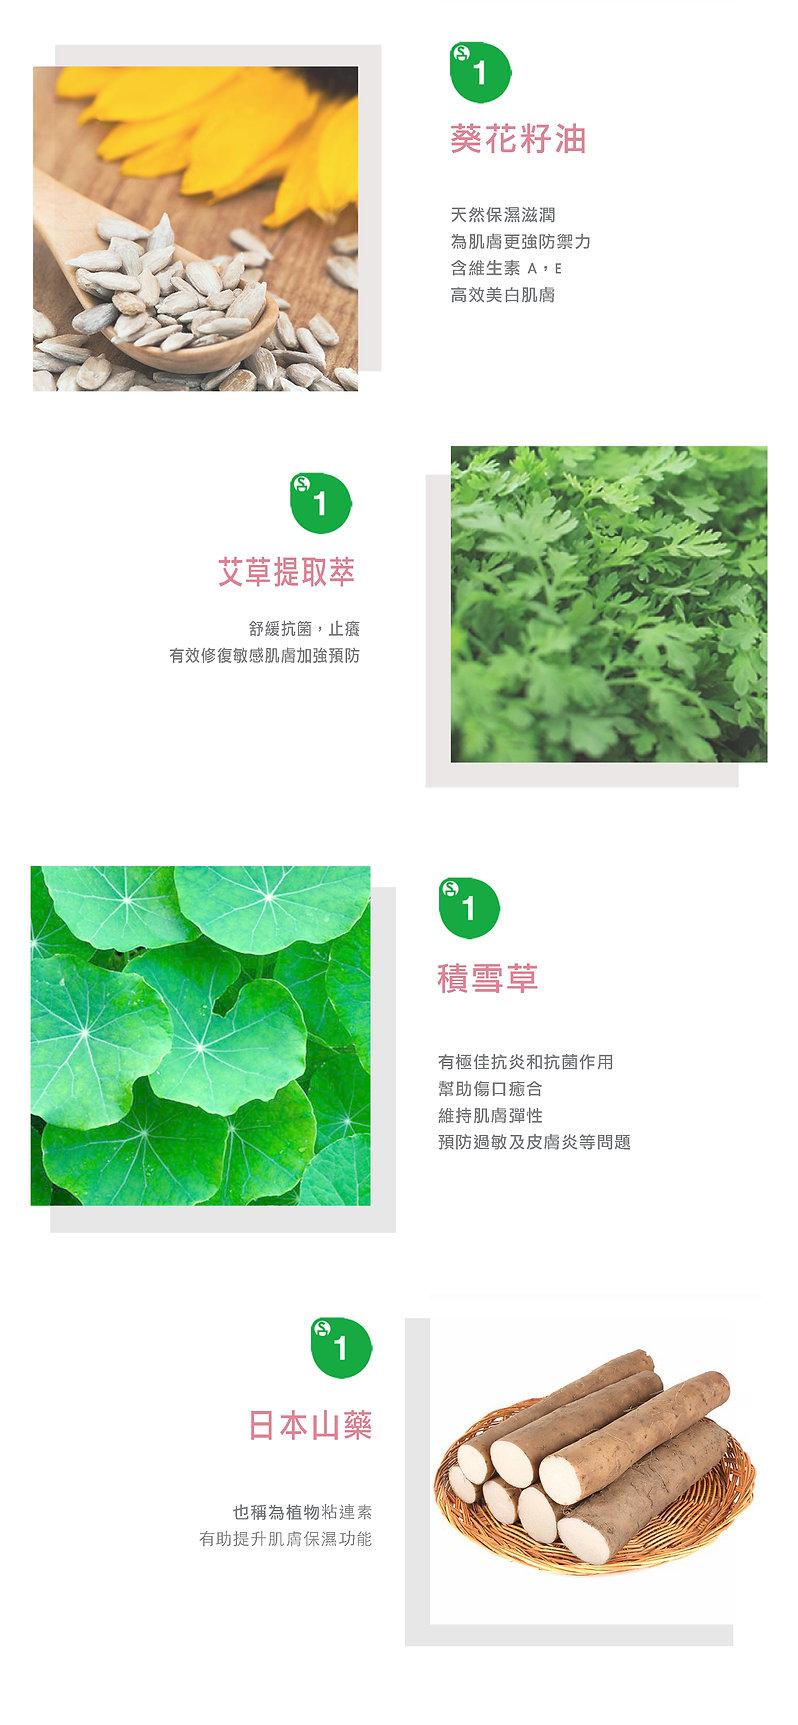 cream_chinese04.jpg